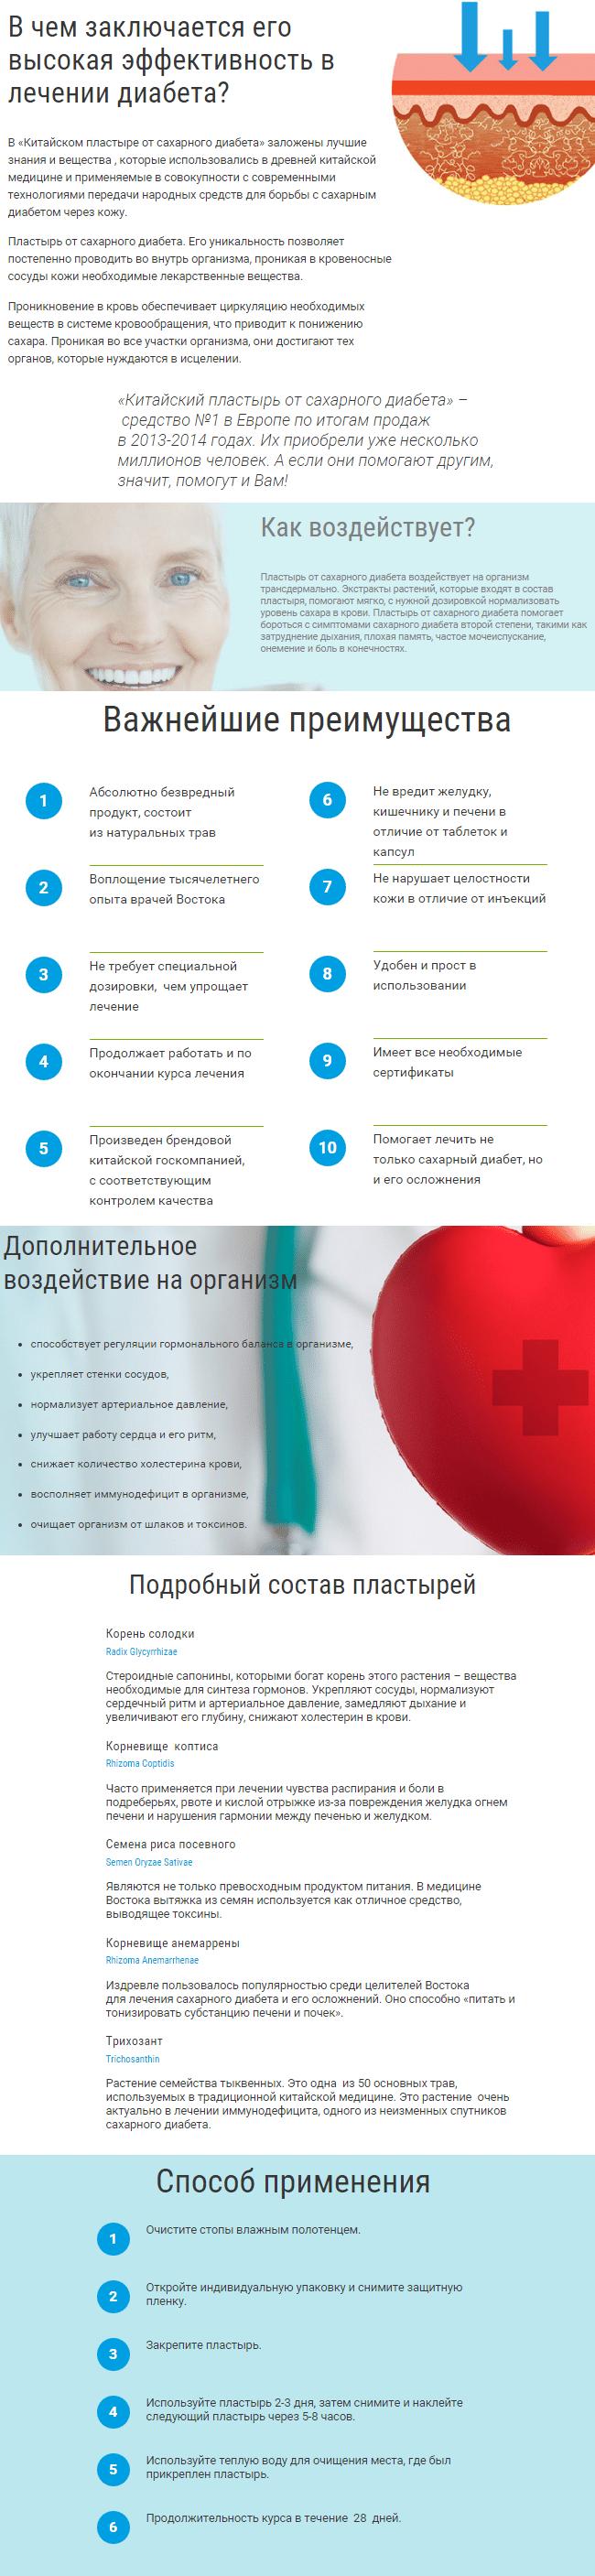 diabet-bolezni-kozhi-kak-lechit